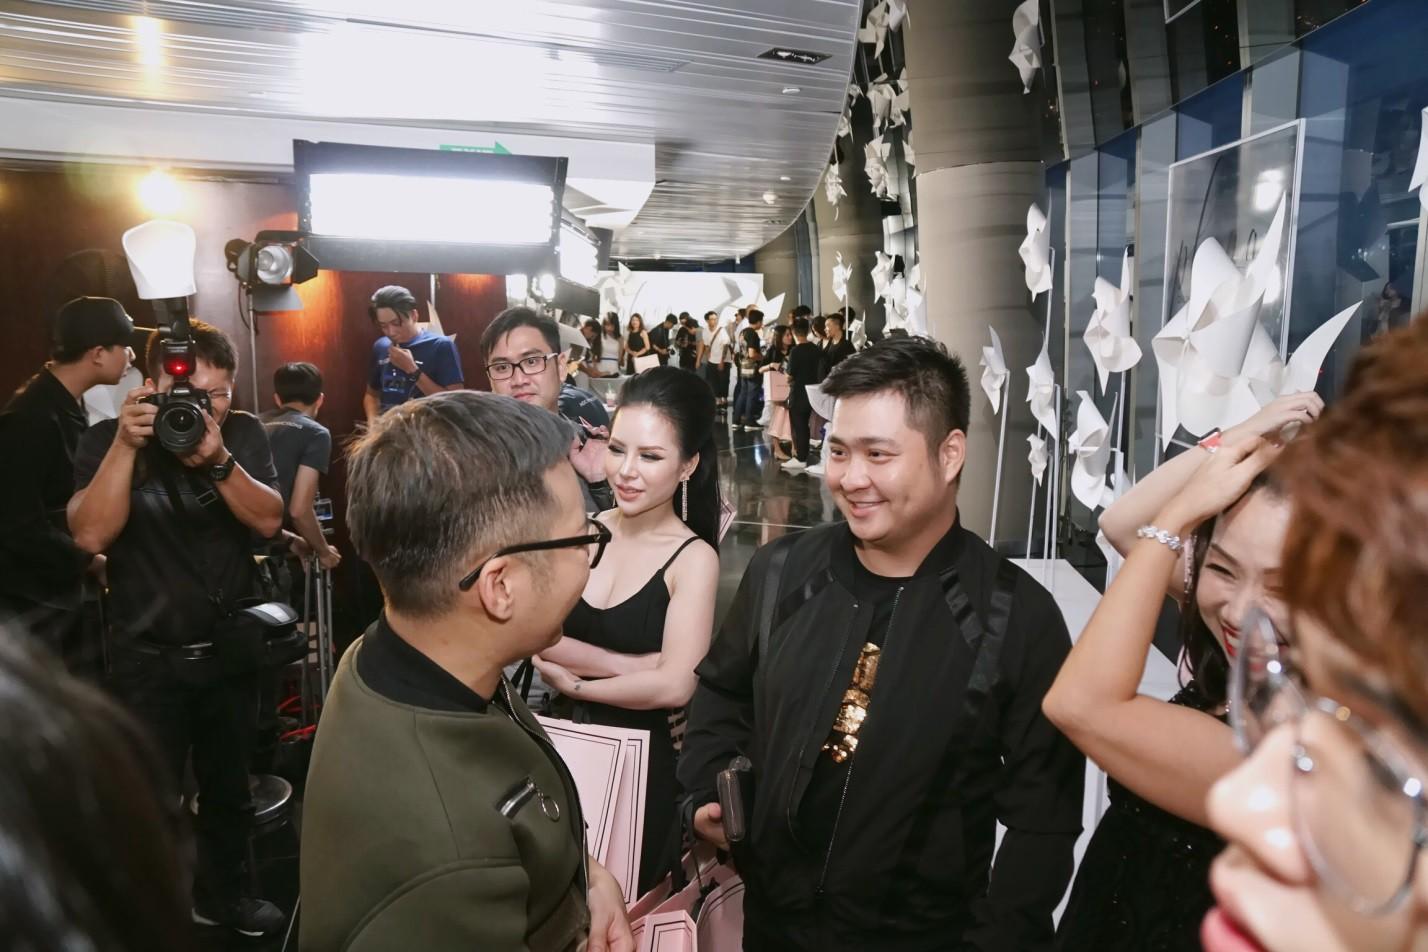 Giám Đốc Oshirma Cao Thiên Nhi đẹp cuốn hút trong sự kiện Fashion Show - Ảnh 2.